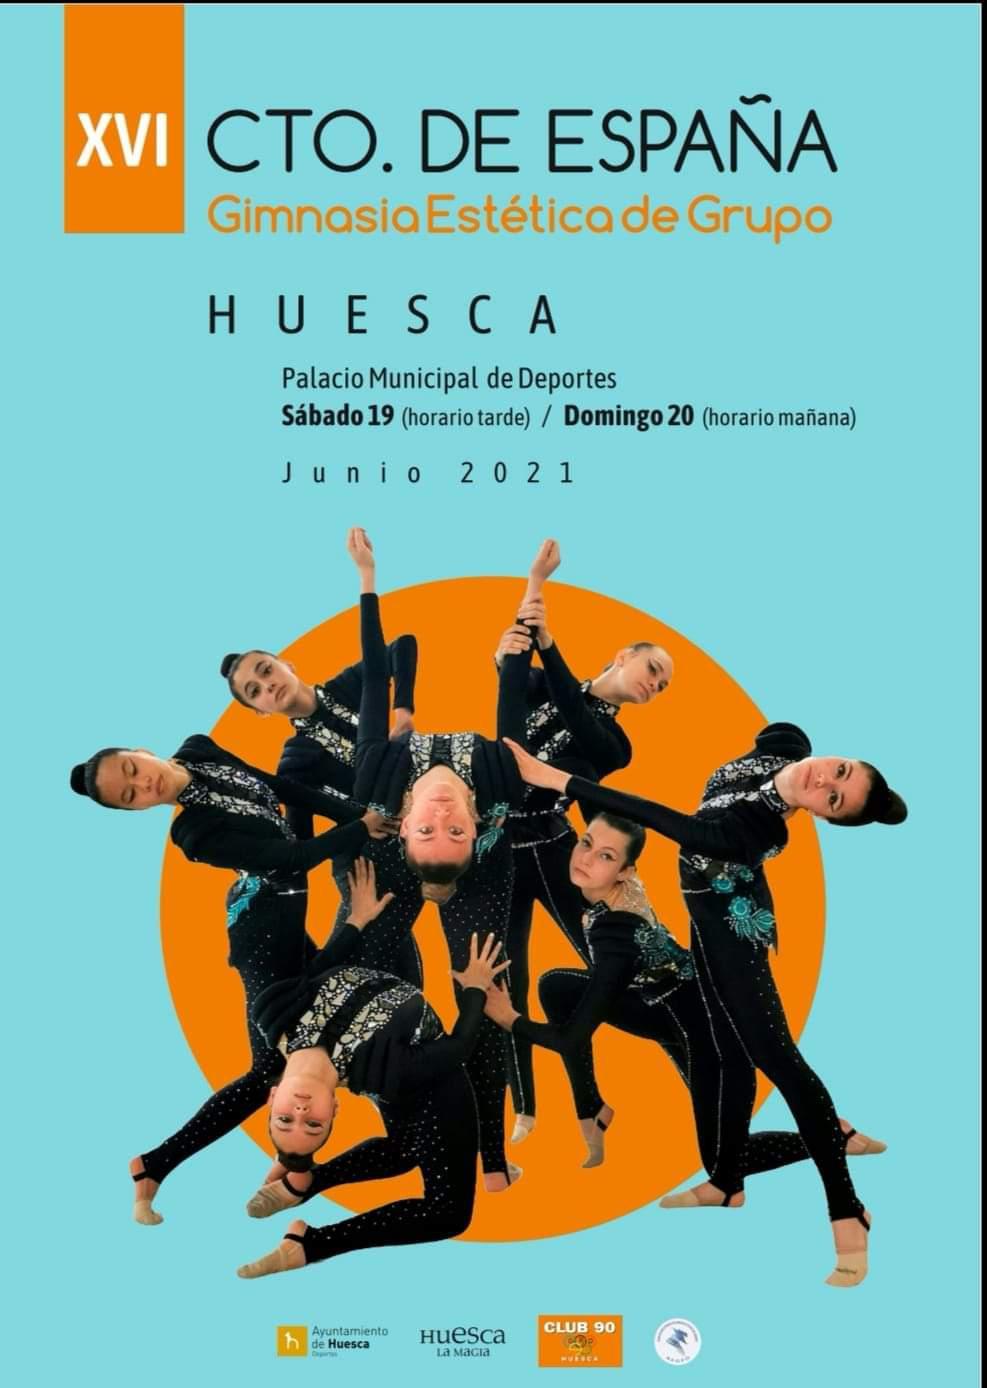 Campeonato de España de Gimnasia Estética de grupo en Huesca